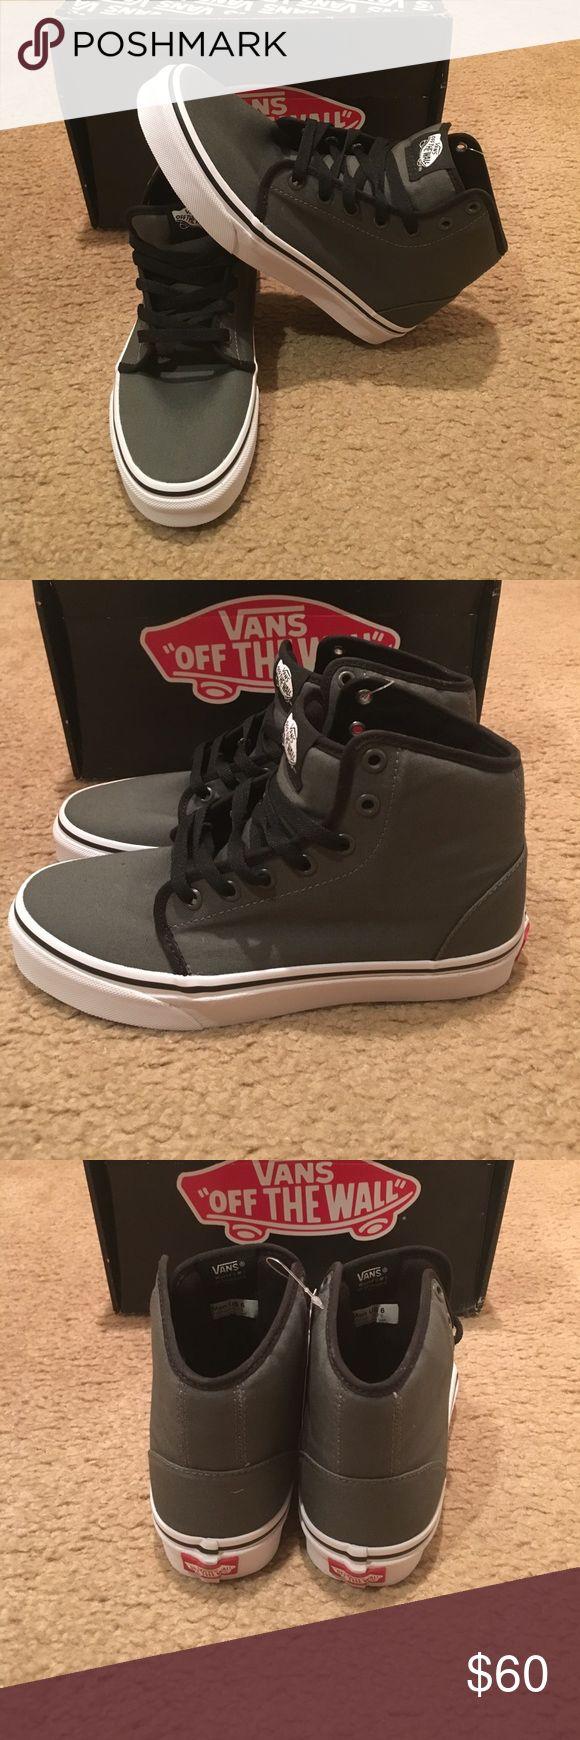 Vans 106 Hi Sneakers New in box. Gunmetal/True White Vans Shoes Sneakers